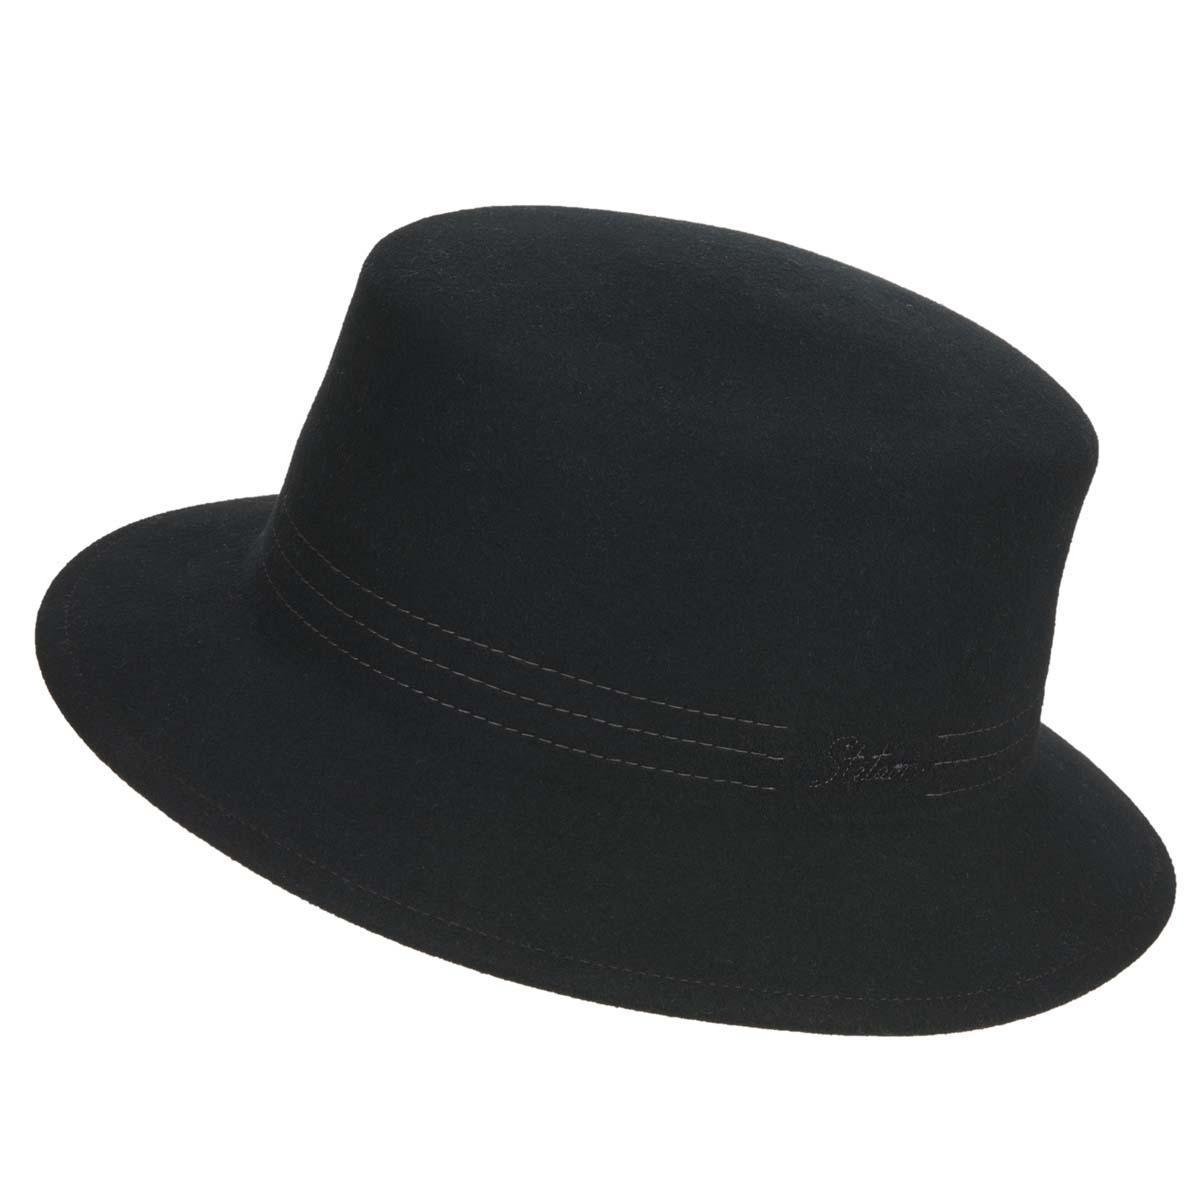 cappello Bucket Florida Vitafelt firmato STETSON 2b1a3b6ce287